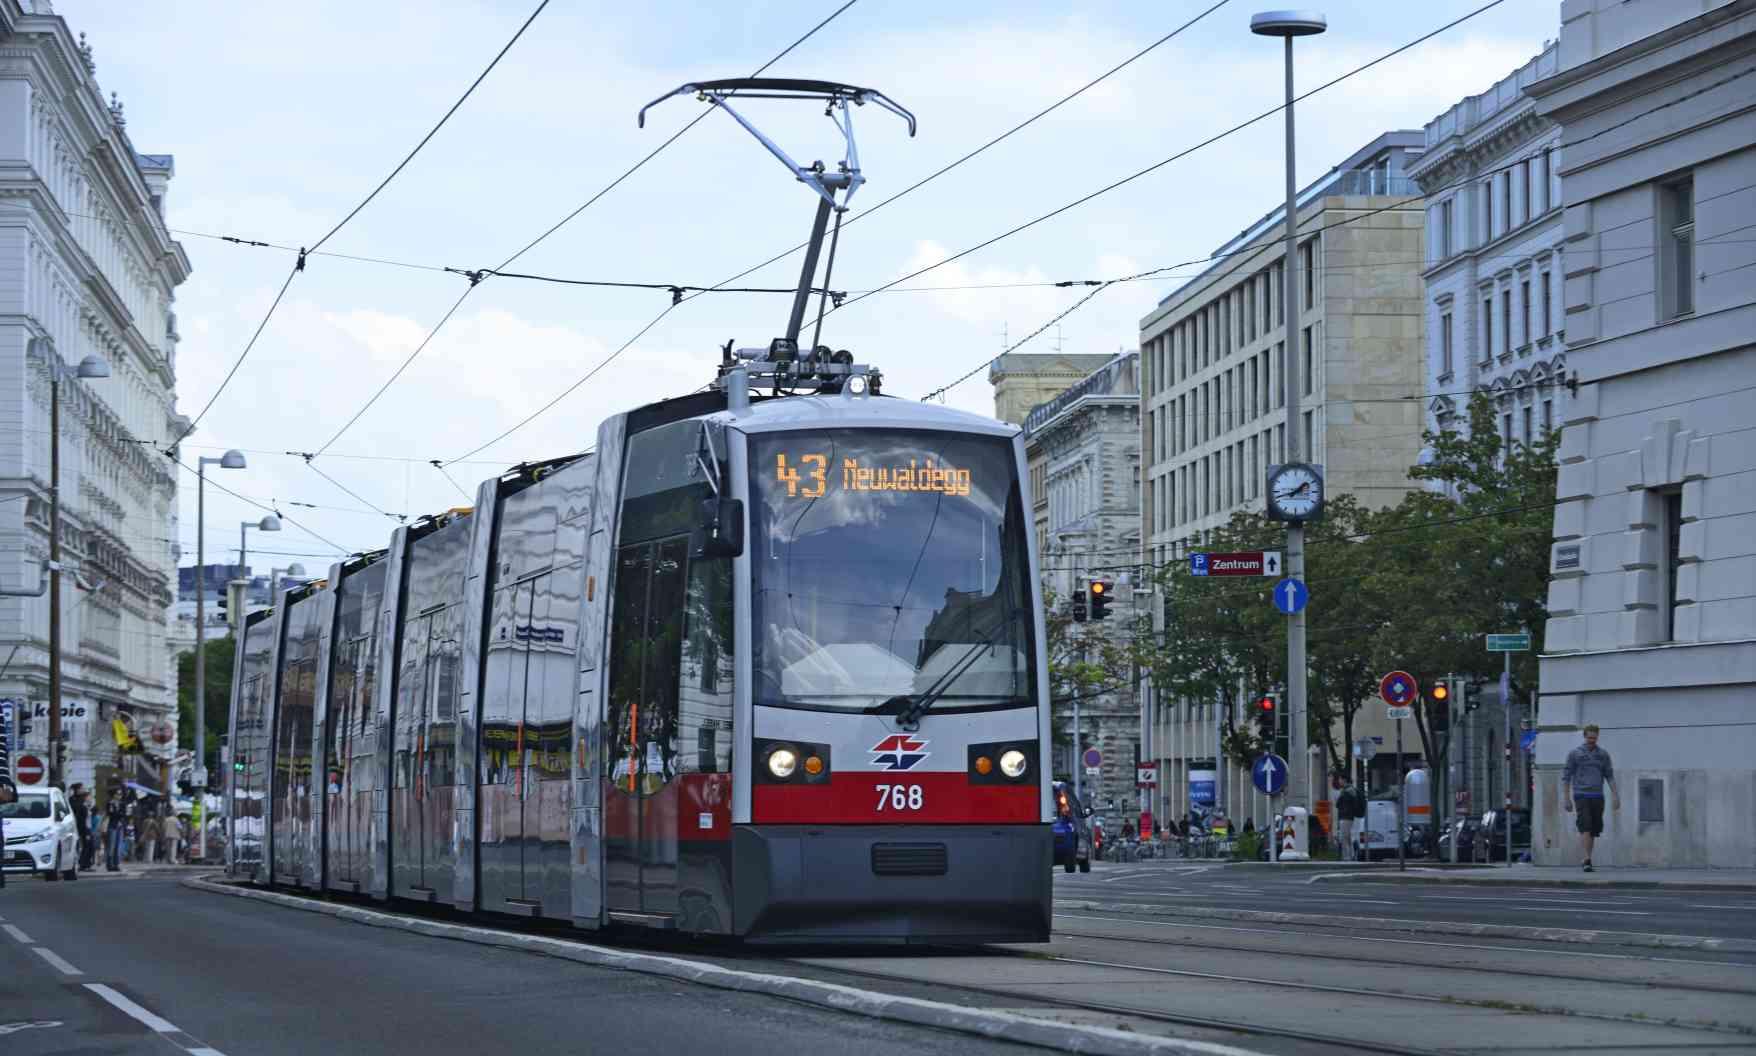 Der 43er kurz nach der Haltestelle Landesgerichtsstraße.